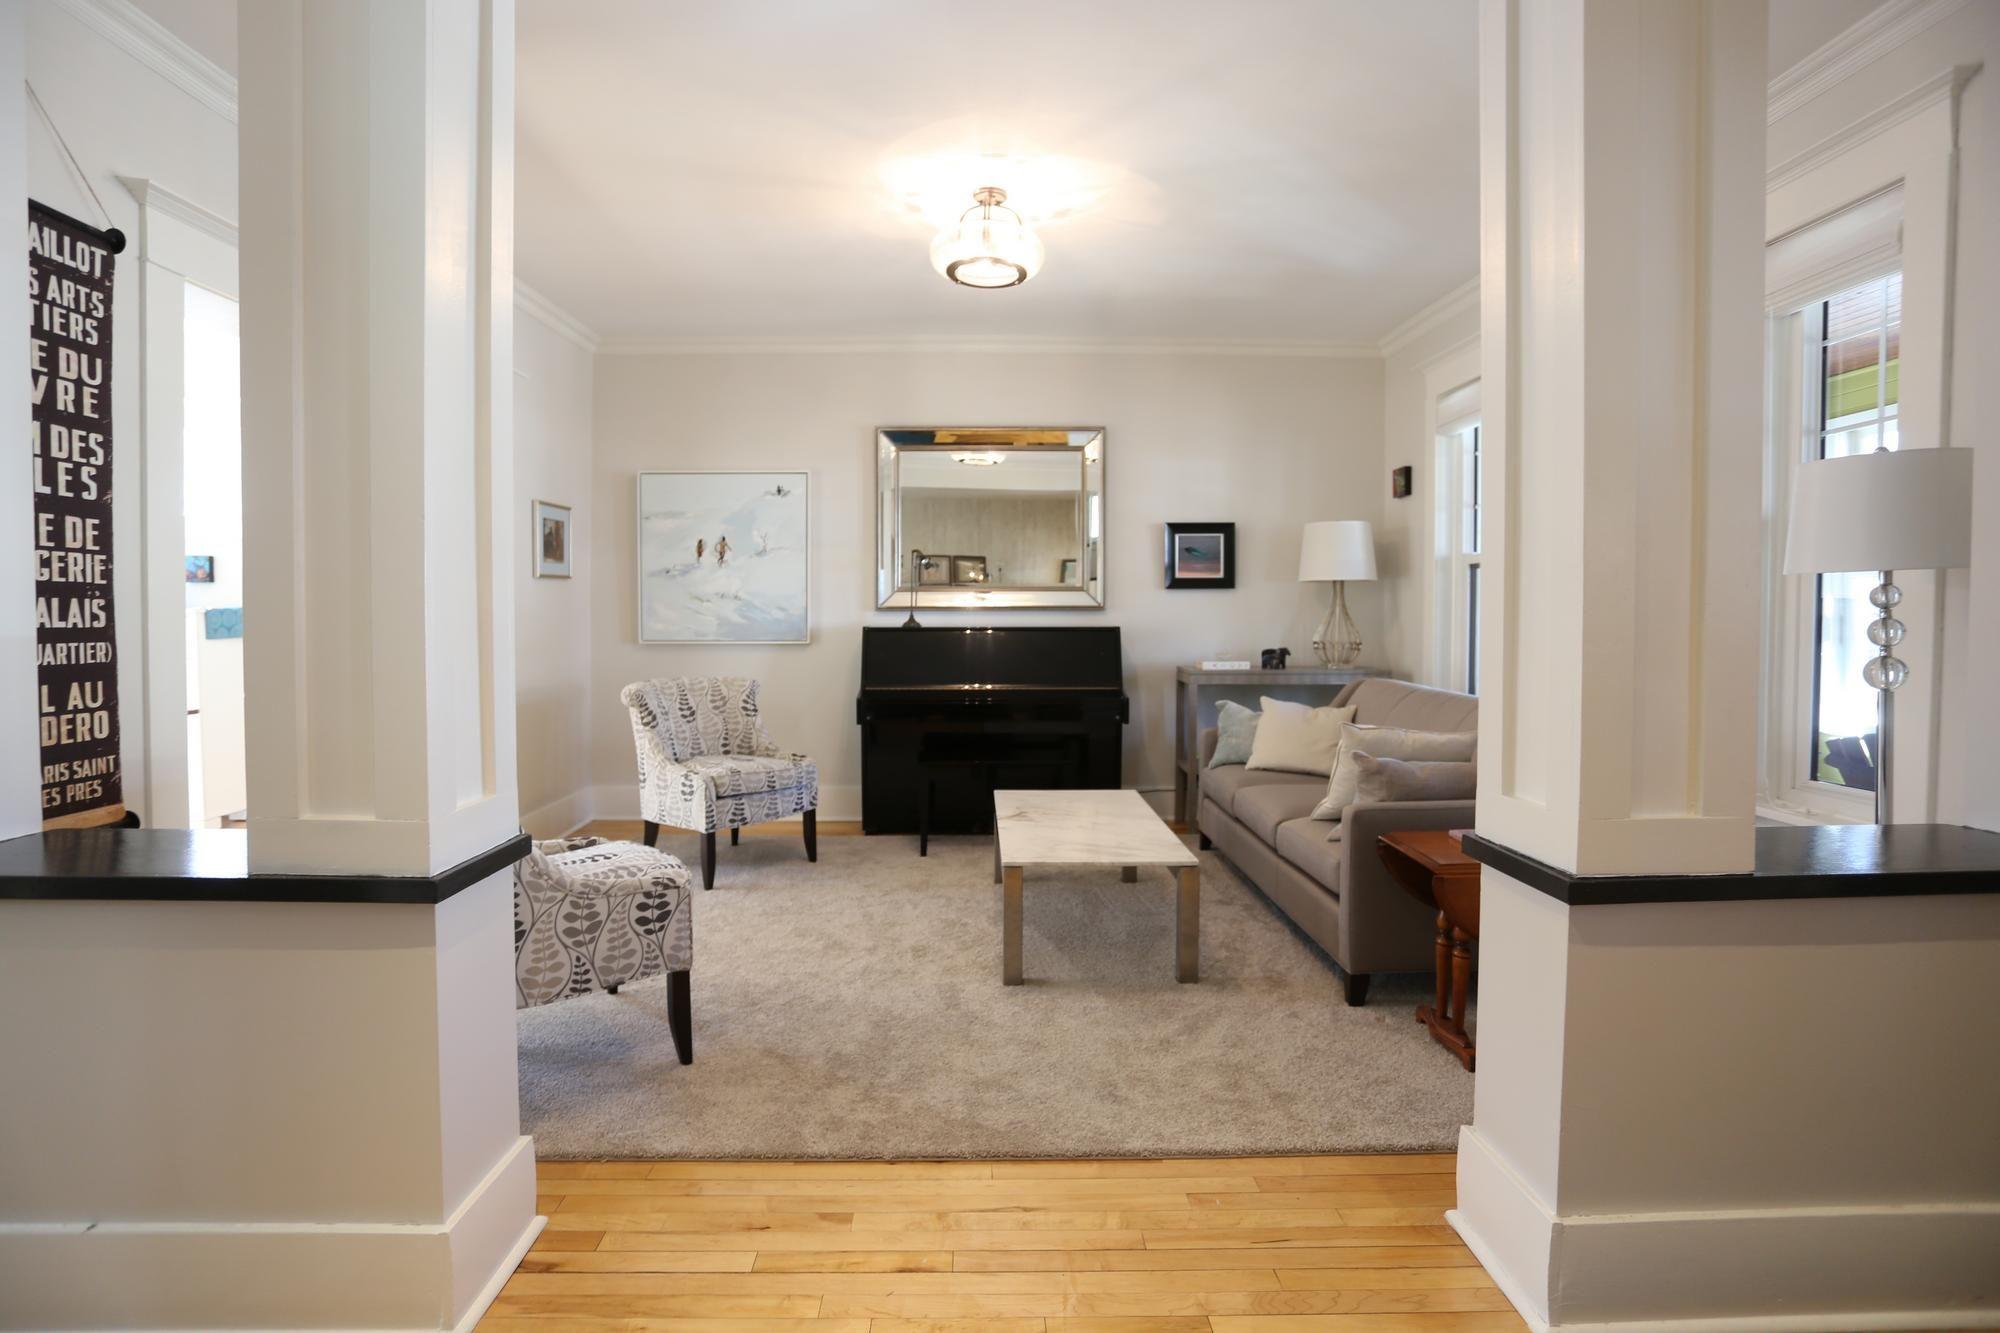 Photo 10: Photos: 121 Ruby Street in Winnipeg: Wolseley Single Family Detached for sale (5B)  : MLS®# 1808798